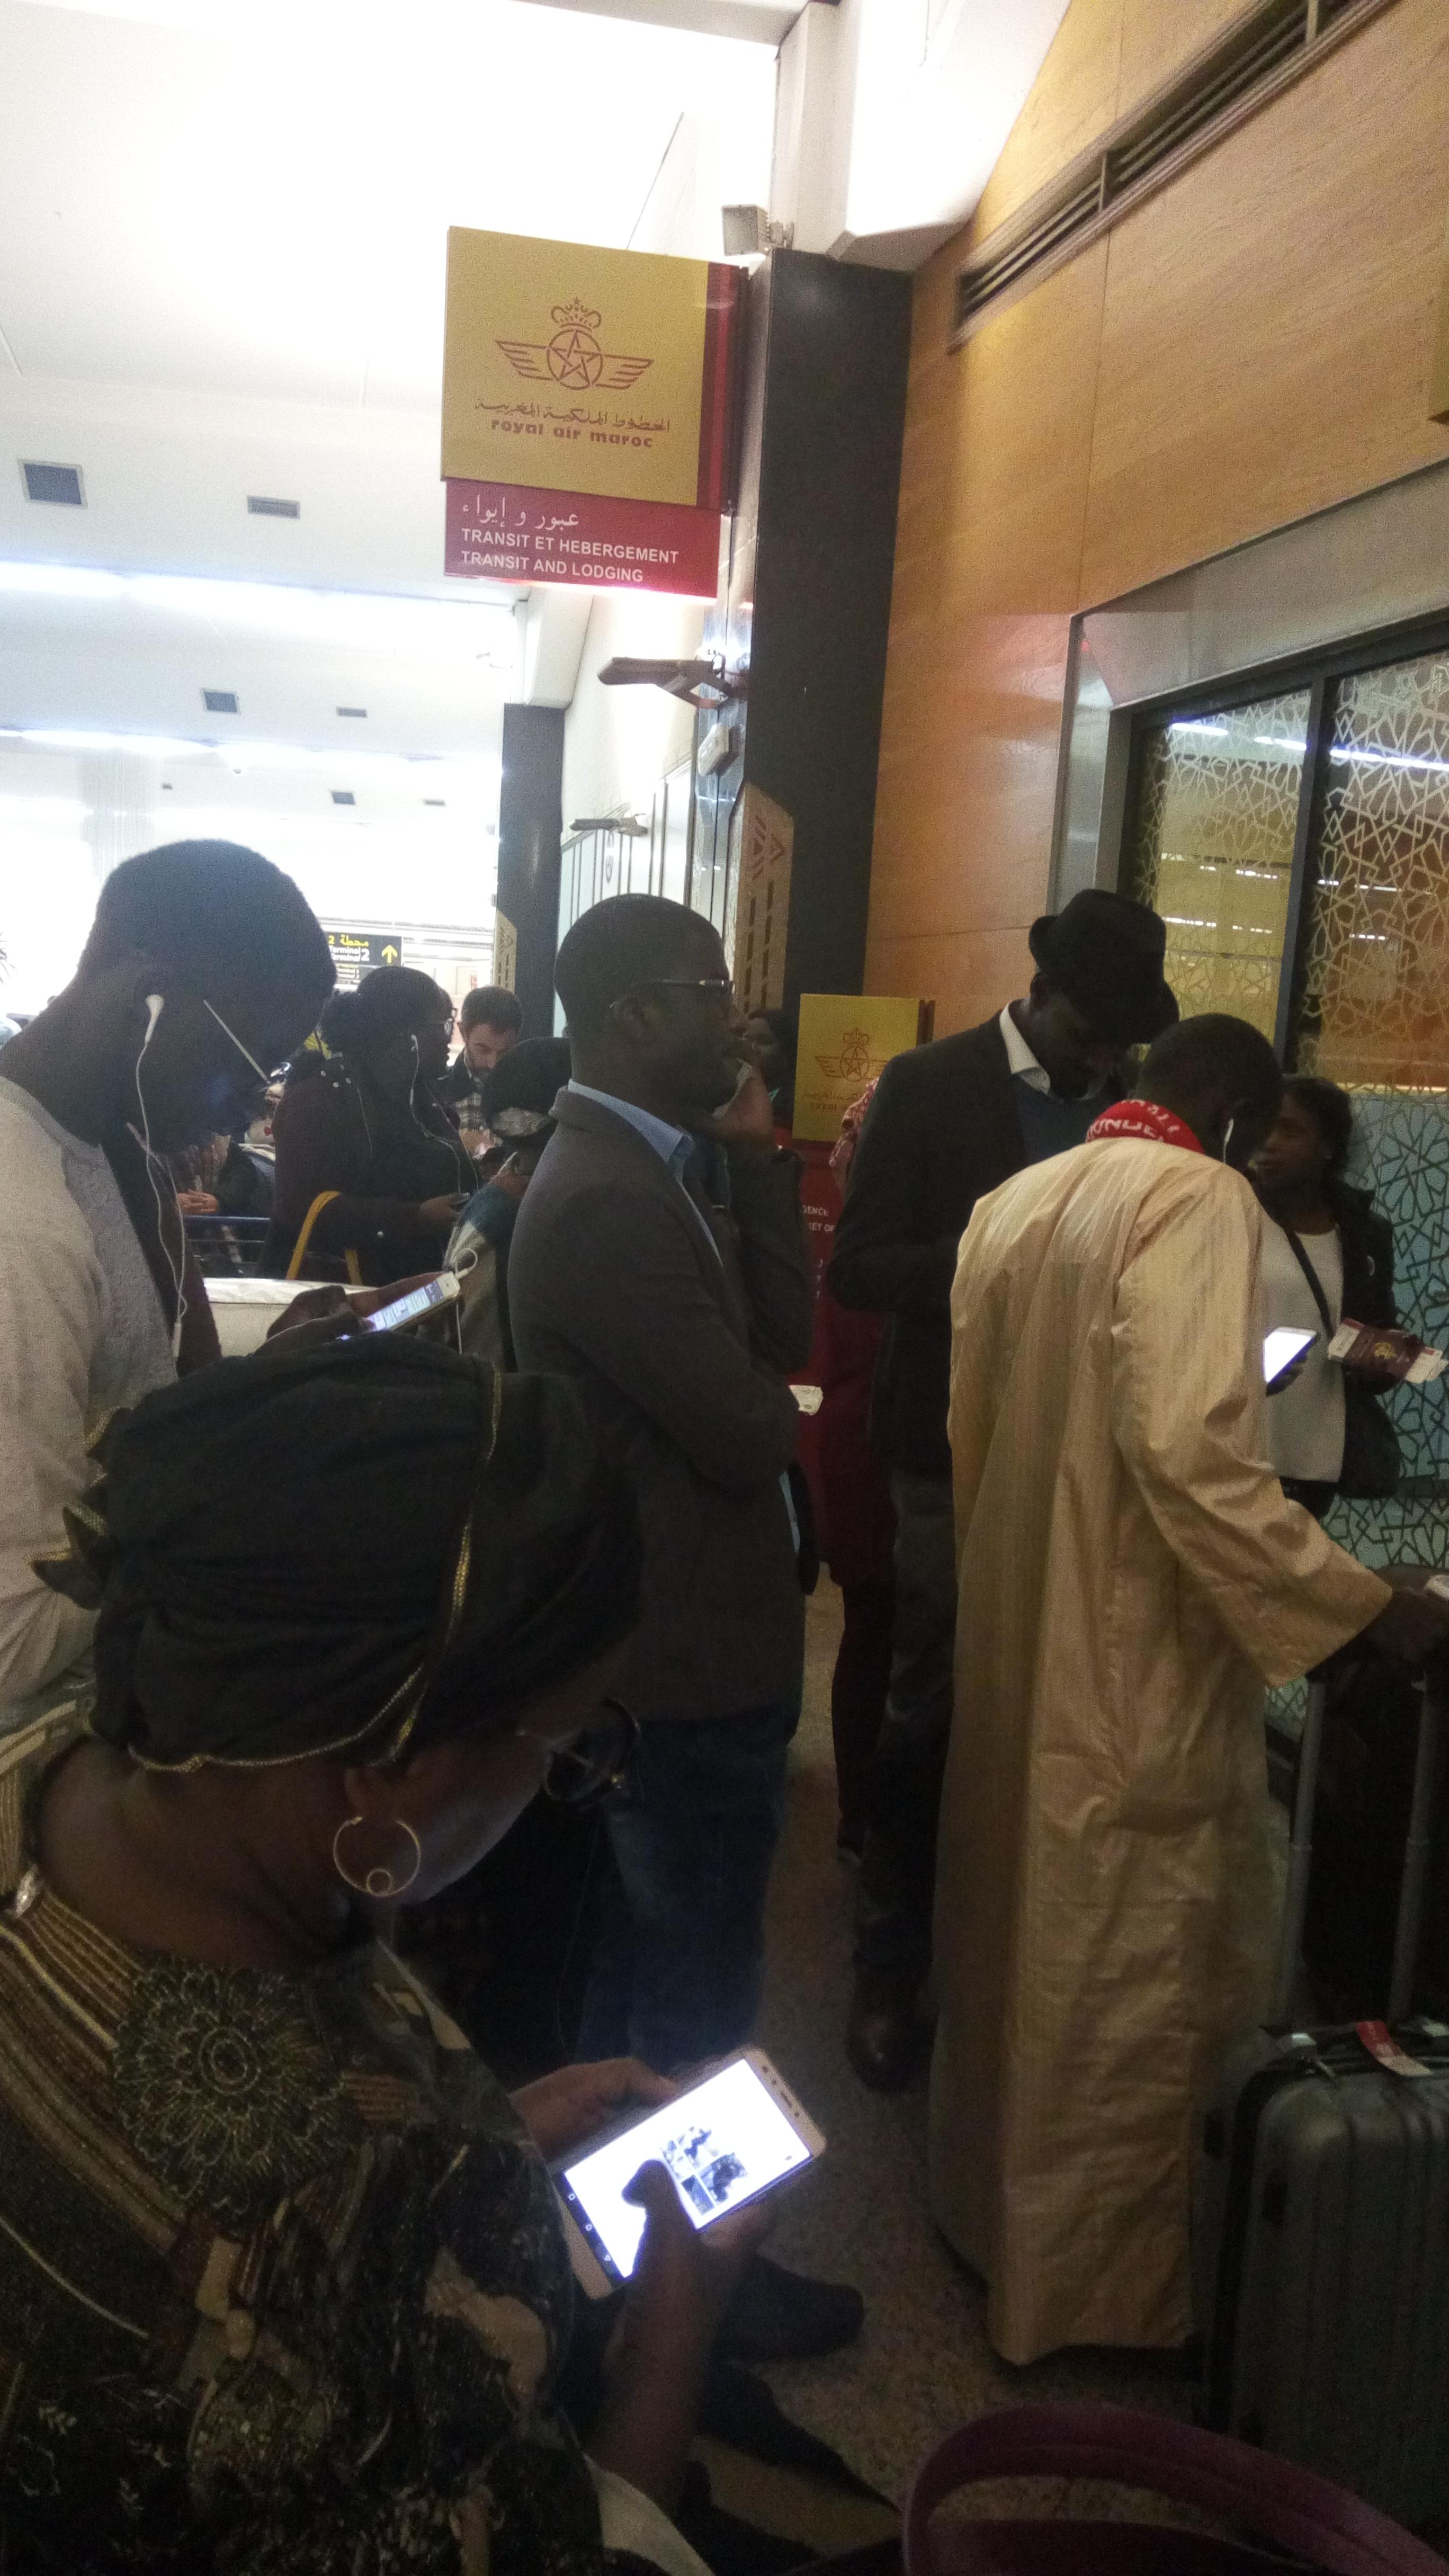 Gréve des contrôleurs aériens : La Ram clouée au sol au Maroc, les passagers désemparés